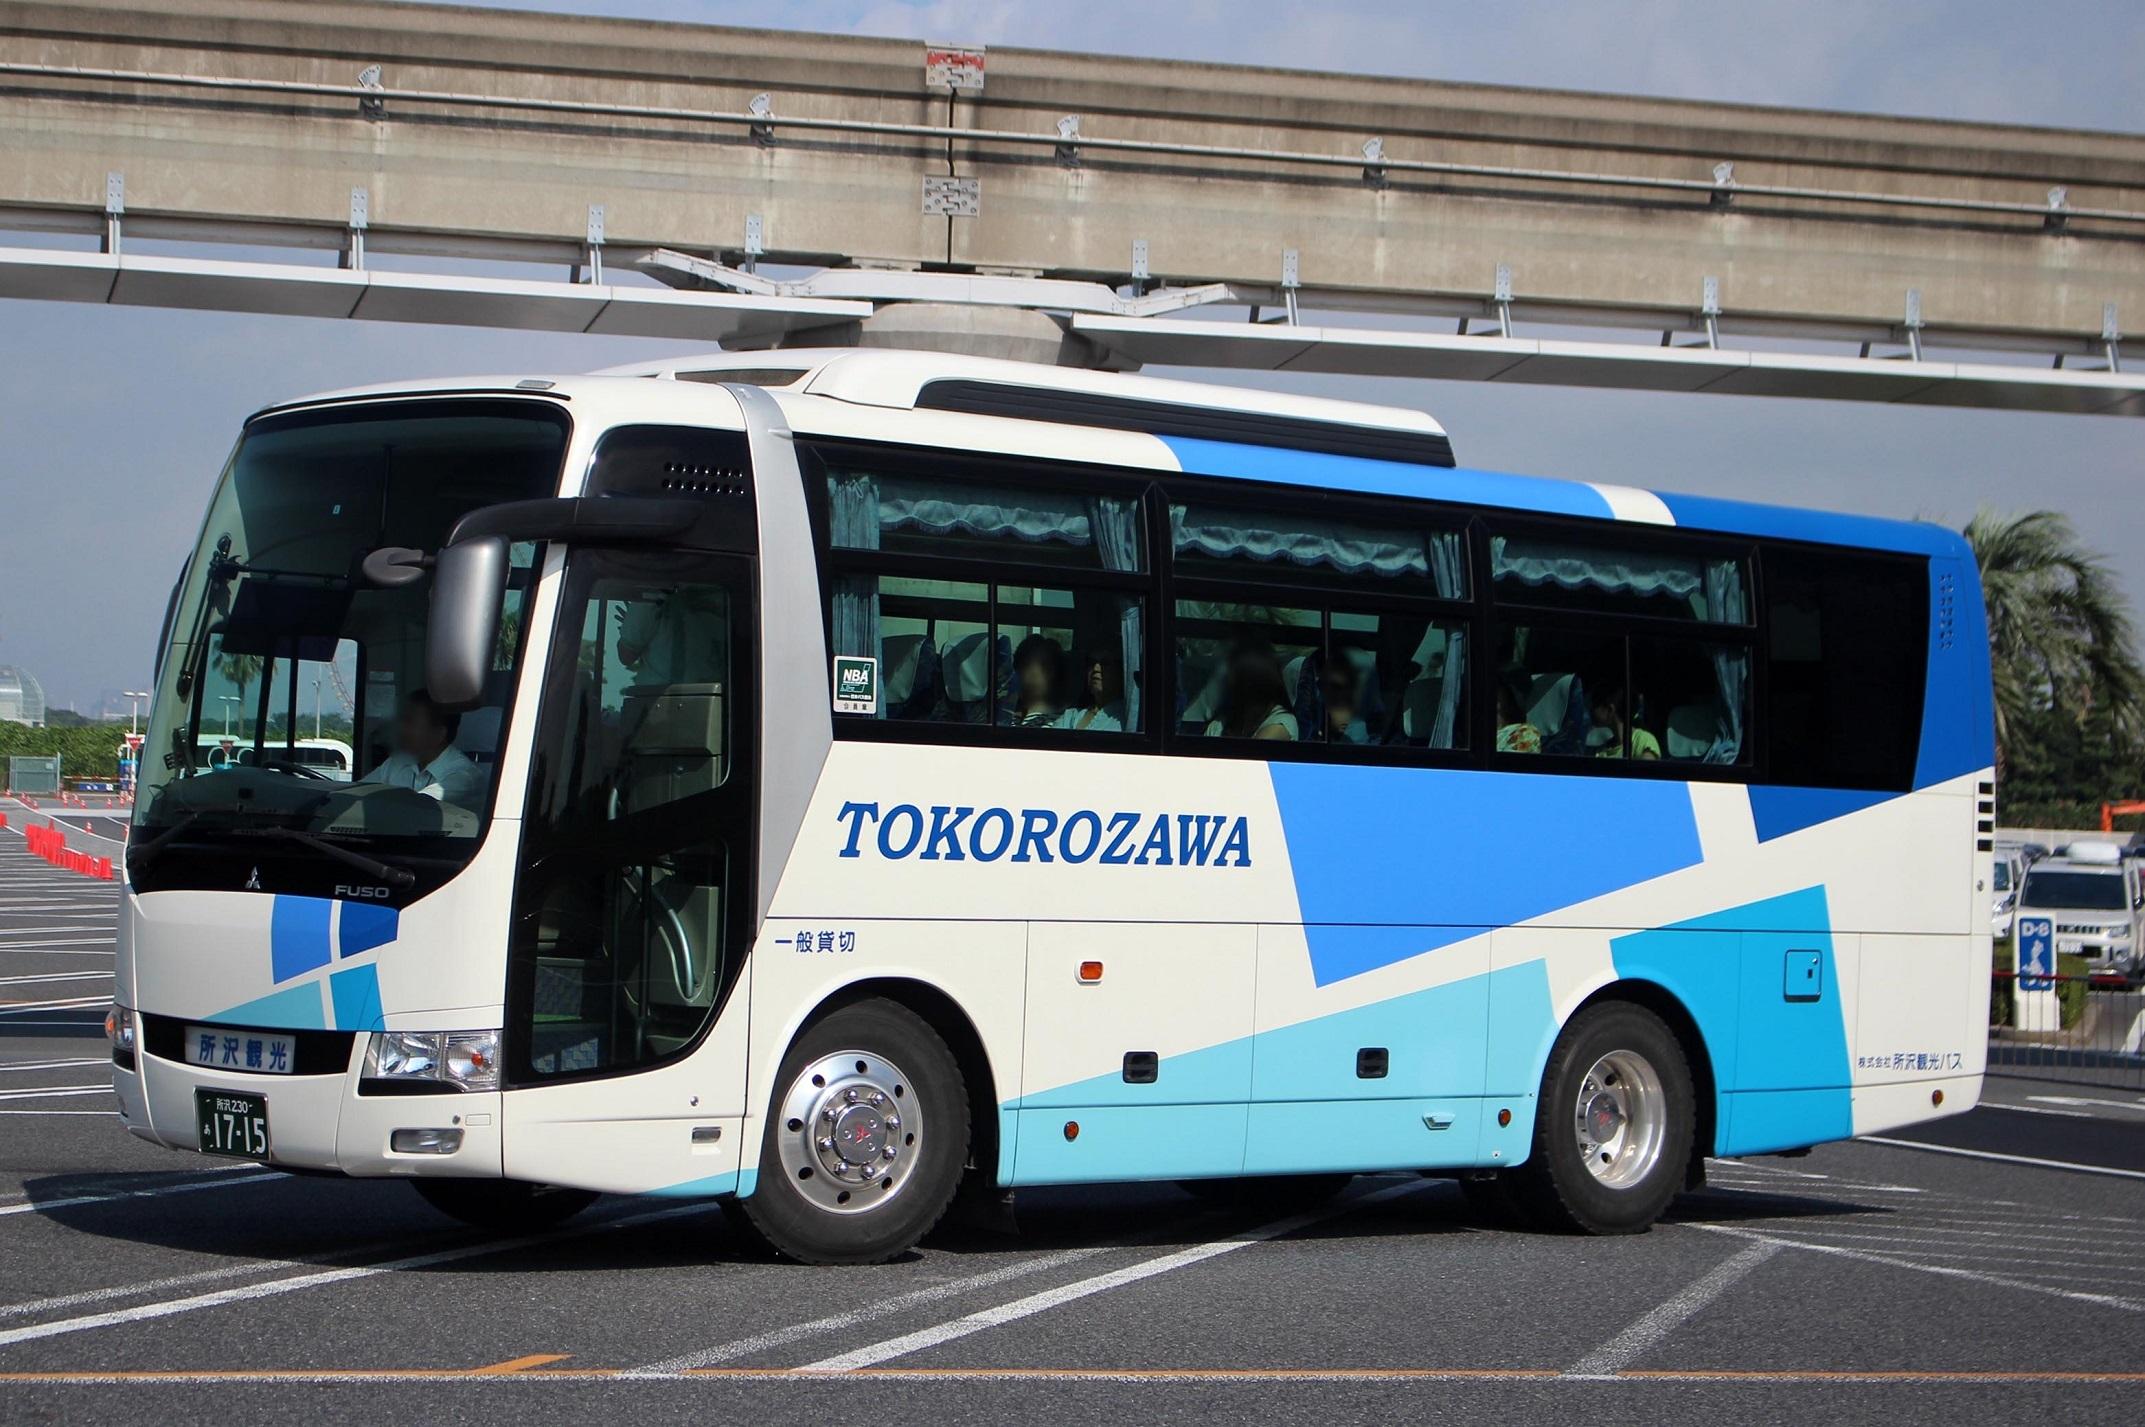 所沢観光バス あ1715